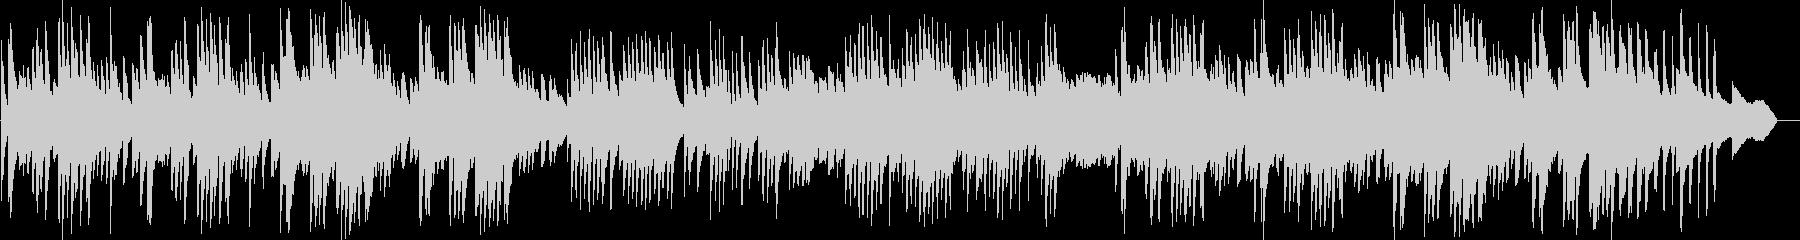 切なくも爽やかなリラックスピアノBGMの未再生の波形